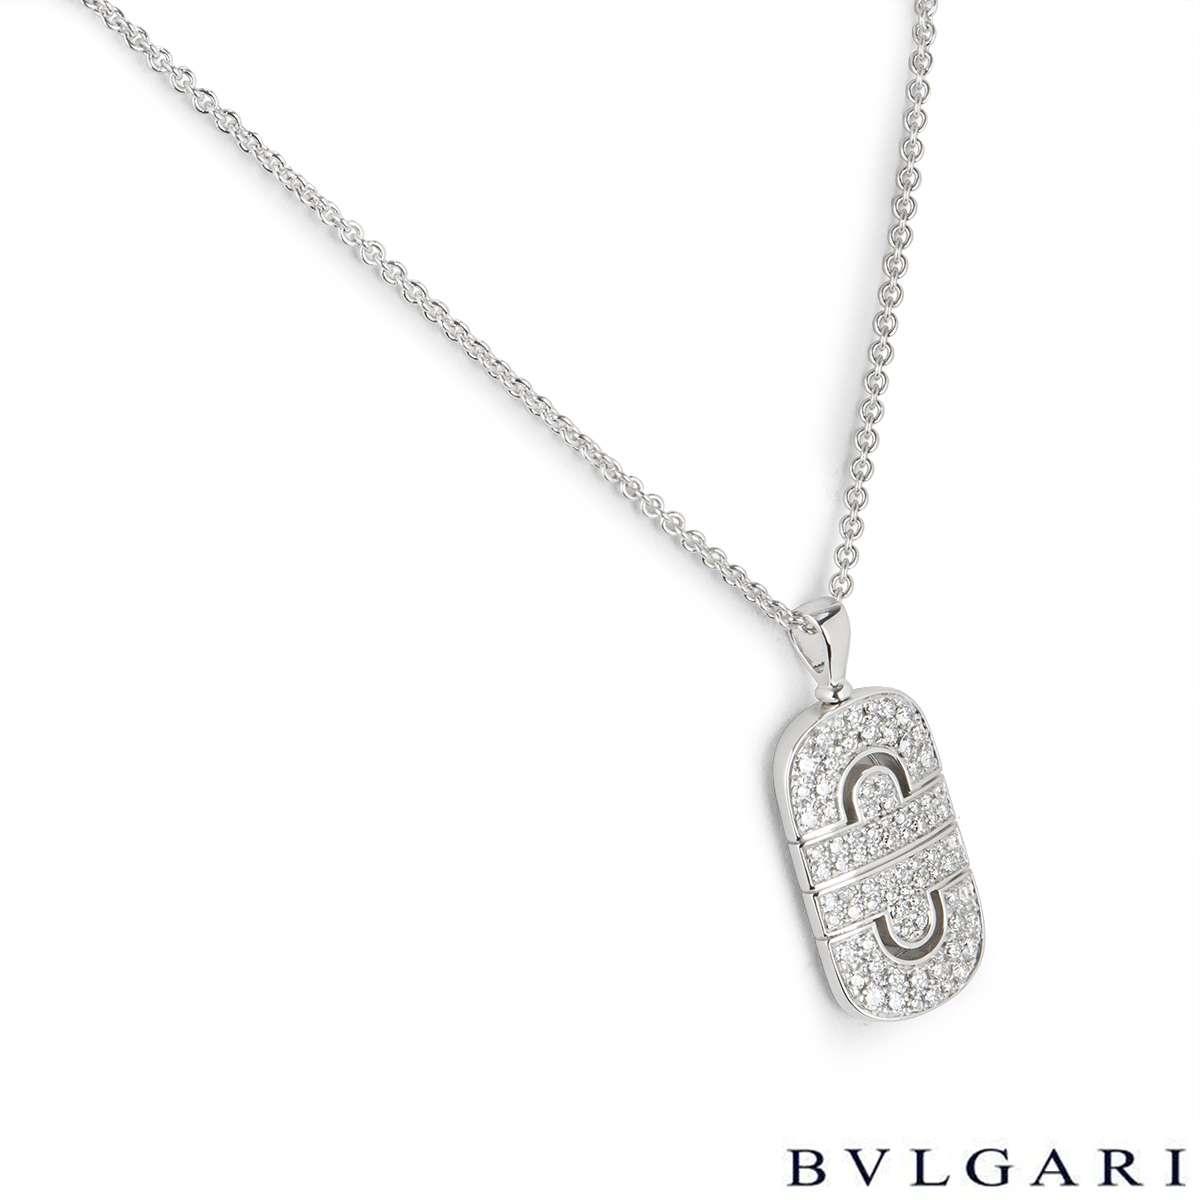 Bvlgari White Gold Parentesi Diamond Pendant